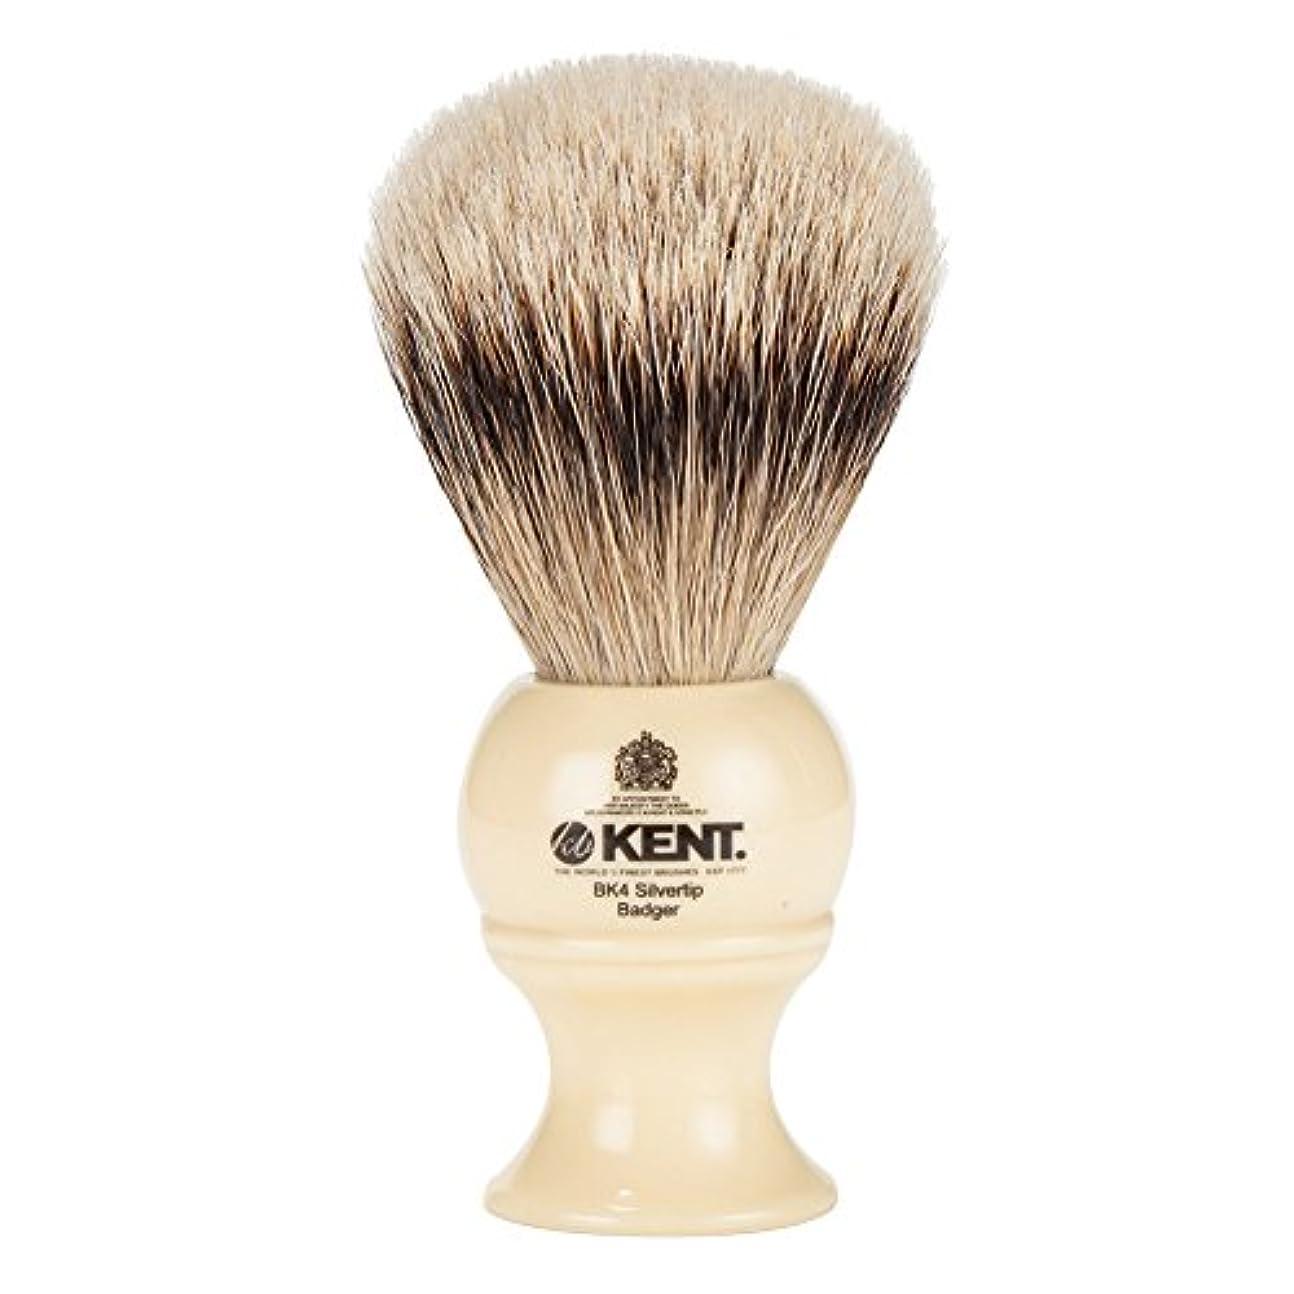 マルコポーロ頑固な東方[ ケント ブラシ ] Kent Brush シルバーチップアナグマ シェービングブラシ (Mサイズ) BK4 ホワイト 髭剃り [並行輸入品]